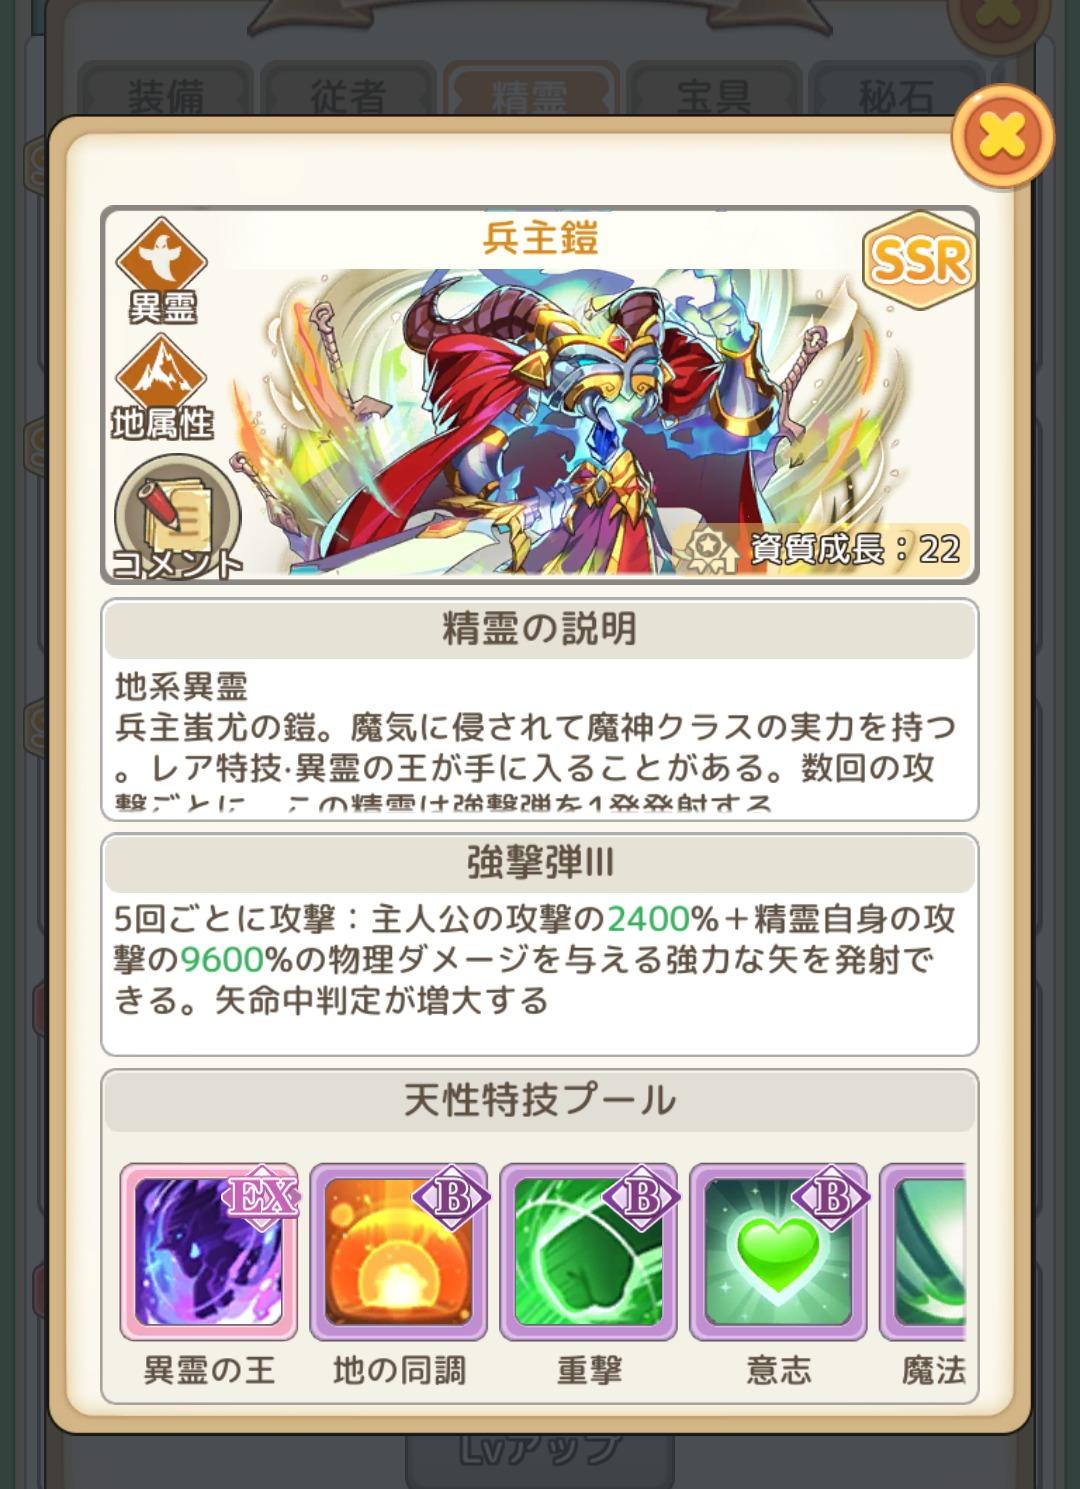 エースアーチャーの兵主鎧画像